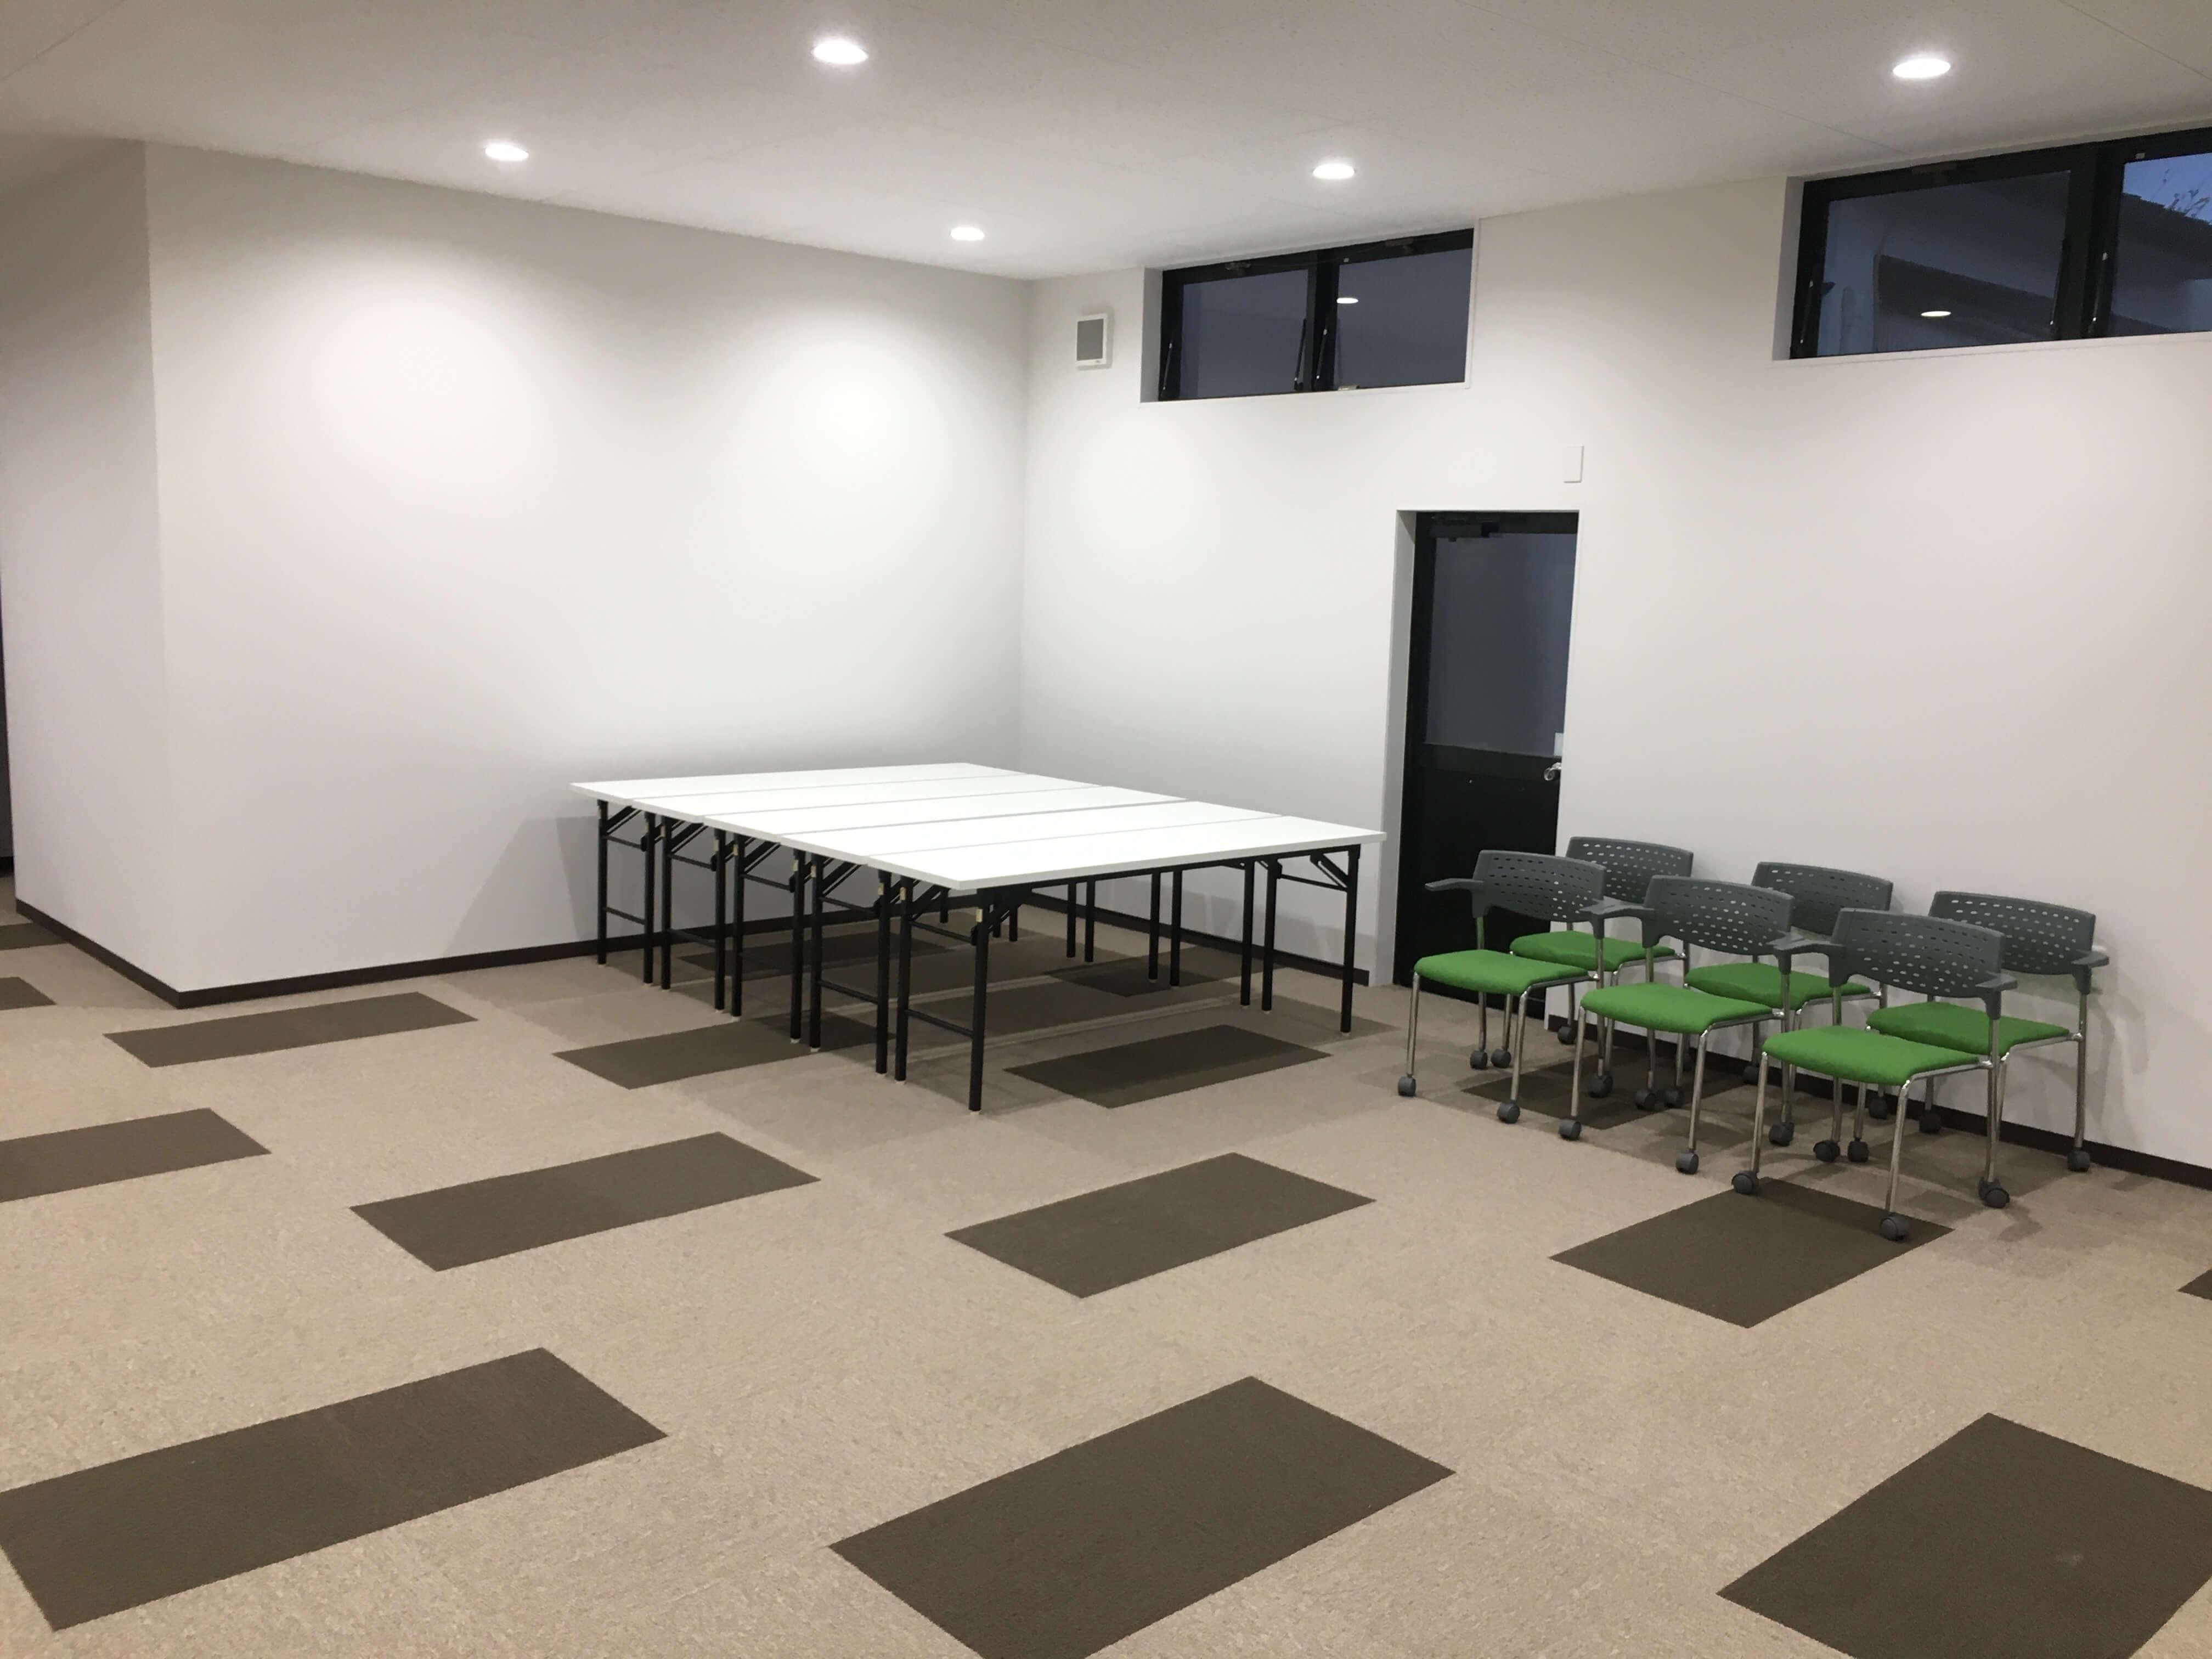 打合せスペース用の部屋も新設